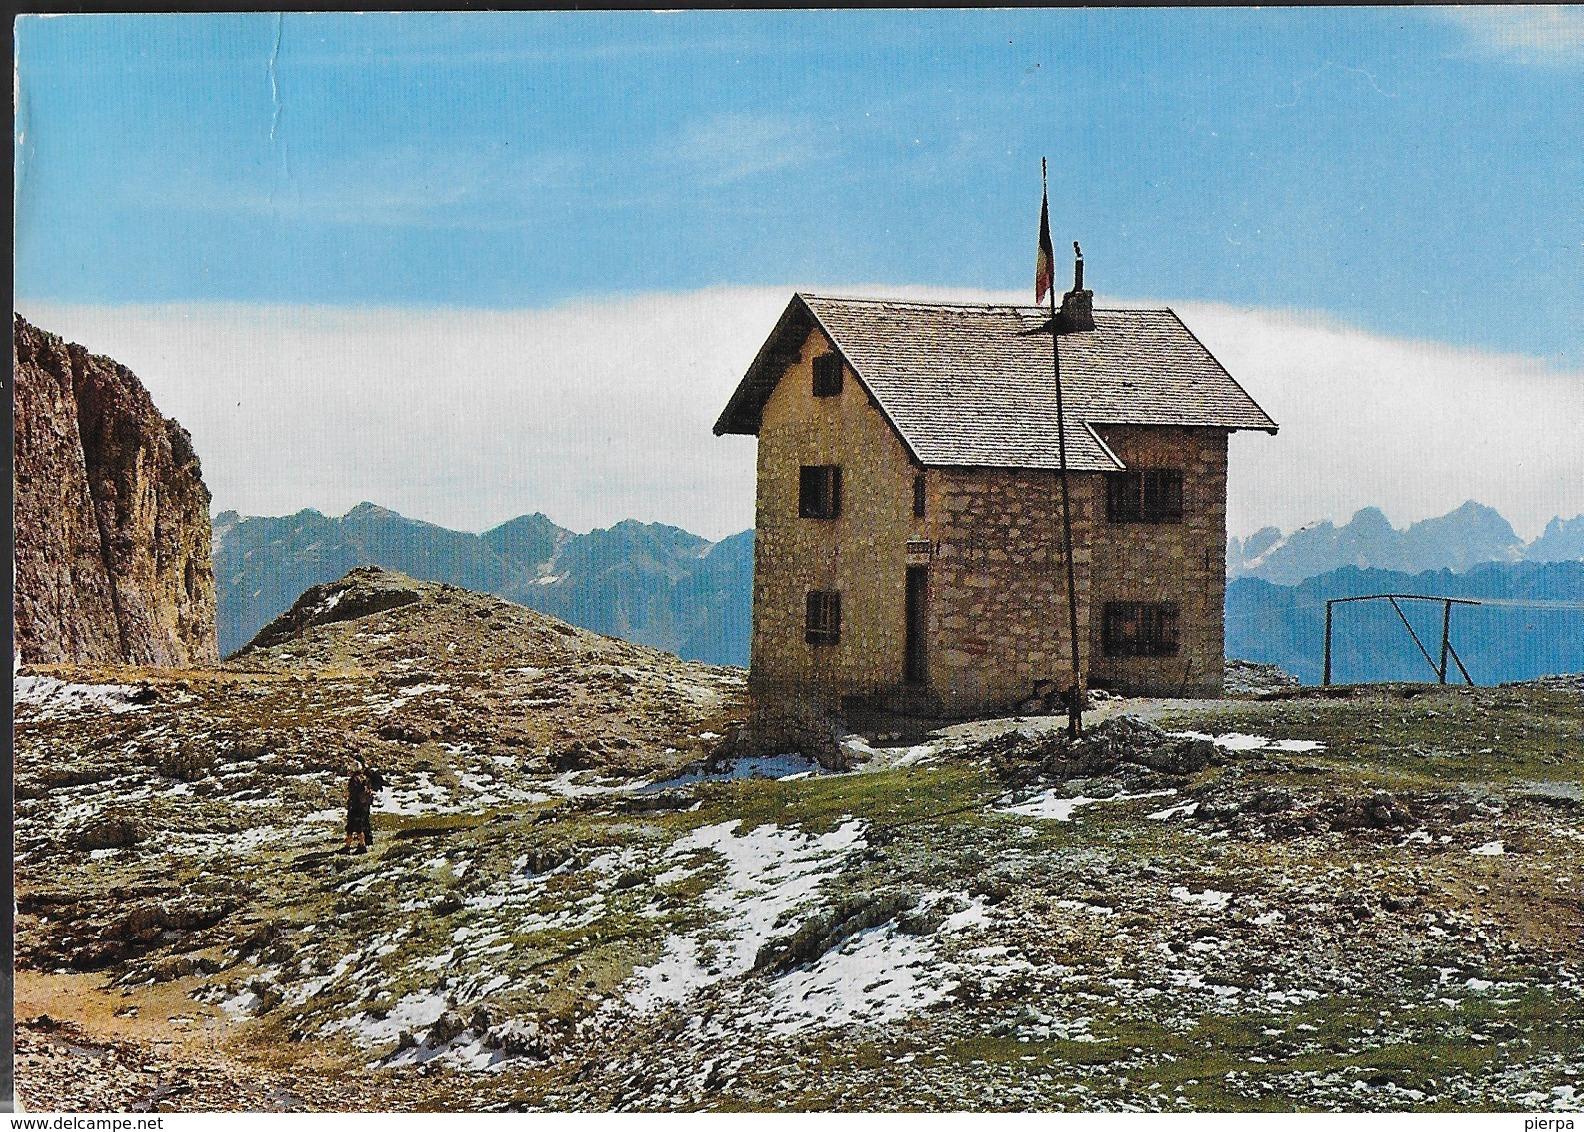 DOLOMITI - RIFUGIO ANTERMOIA - GRUPPO DEL CATINACCIO - FOTO GHEDINA - CATINACCIO - Alpinisme